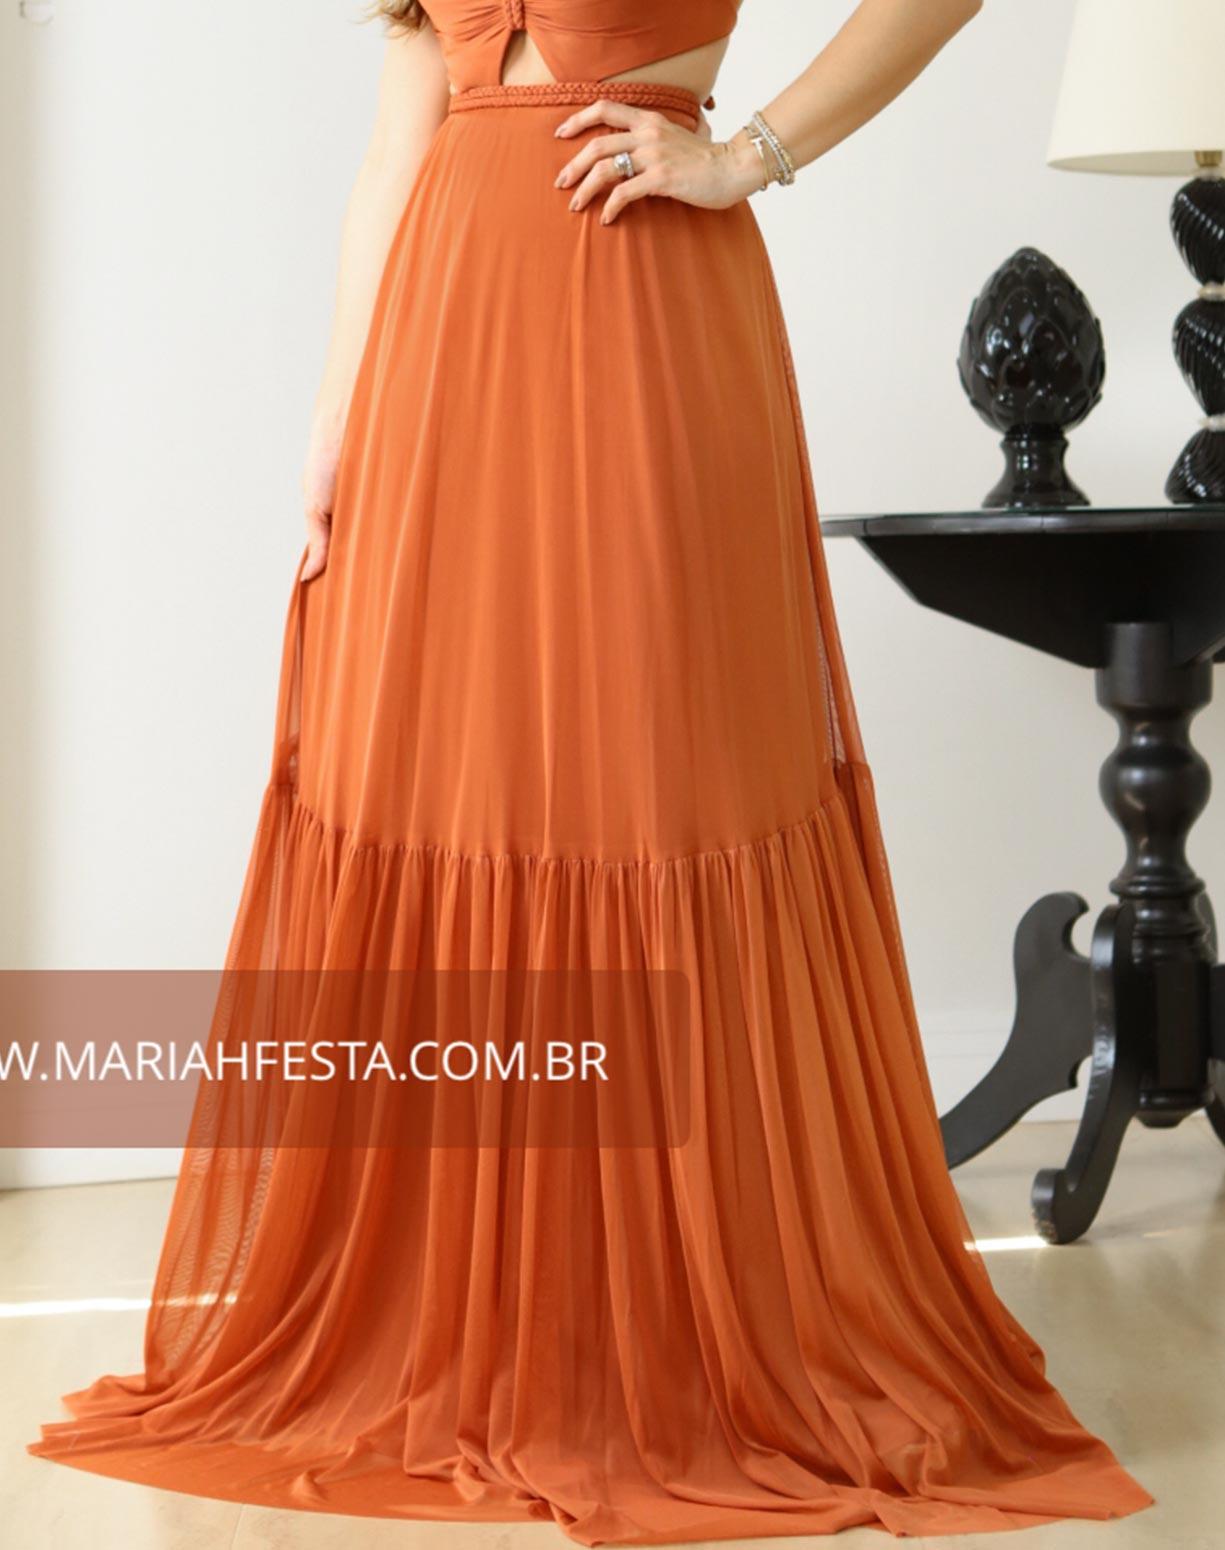 Vestido Terracota em Tule com Detalhes em Macramê